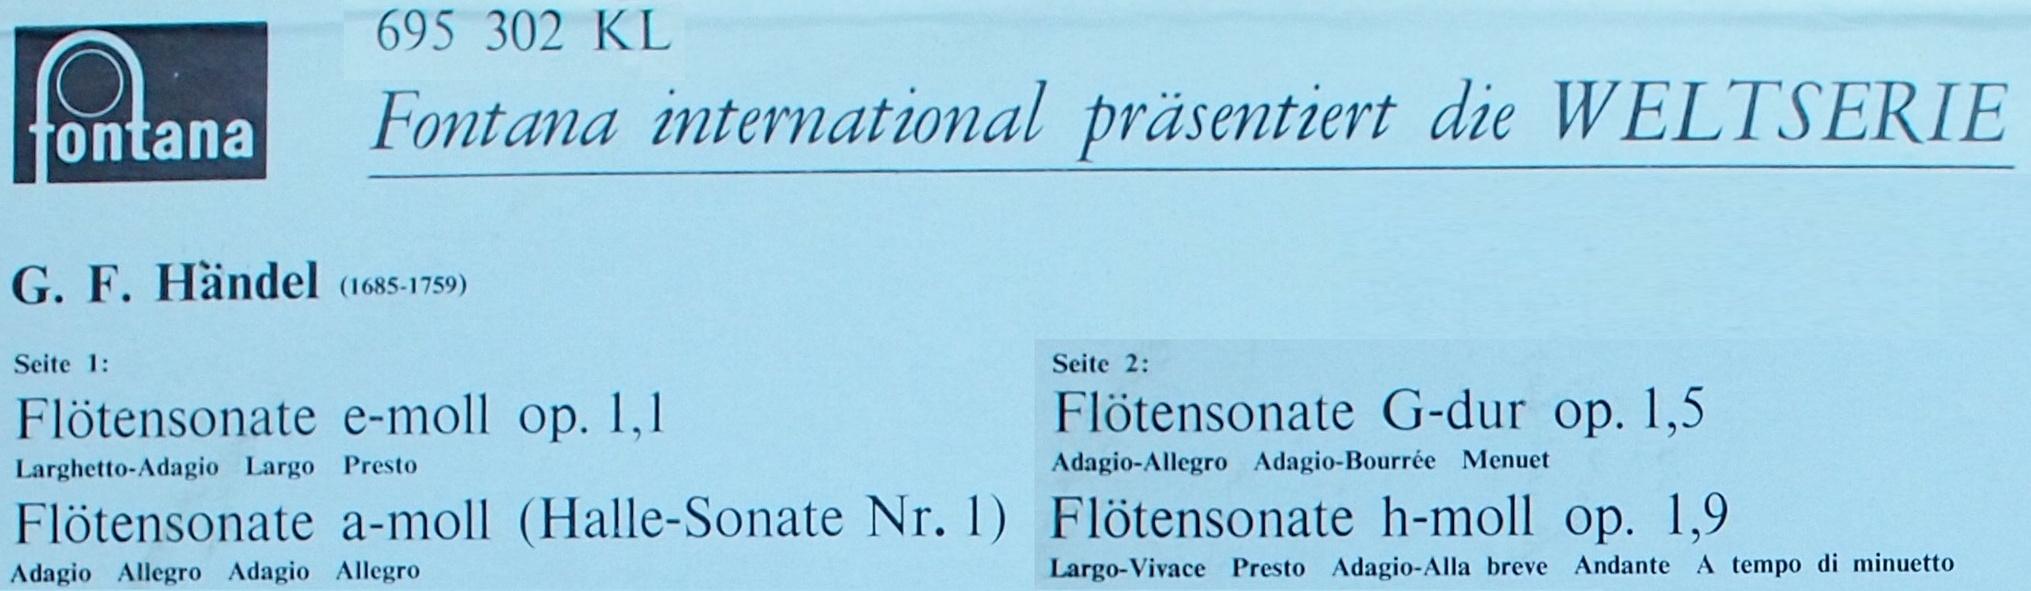 Montage d'extraits du verso du disque Fontana 695 302 KL